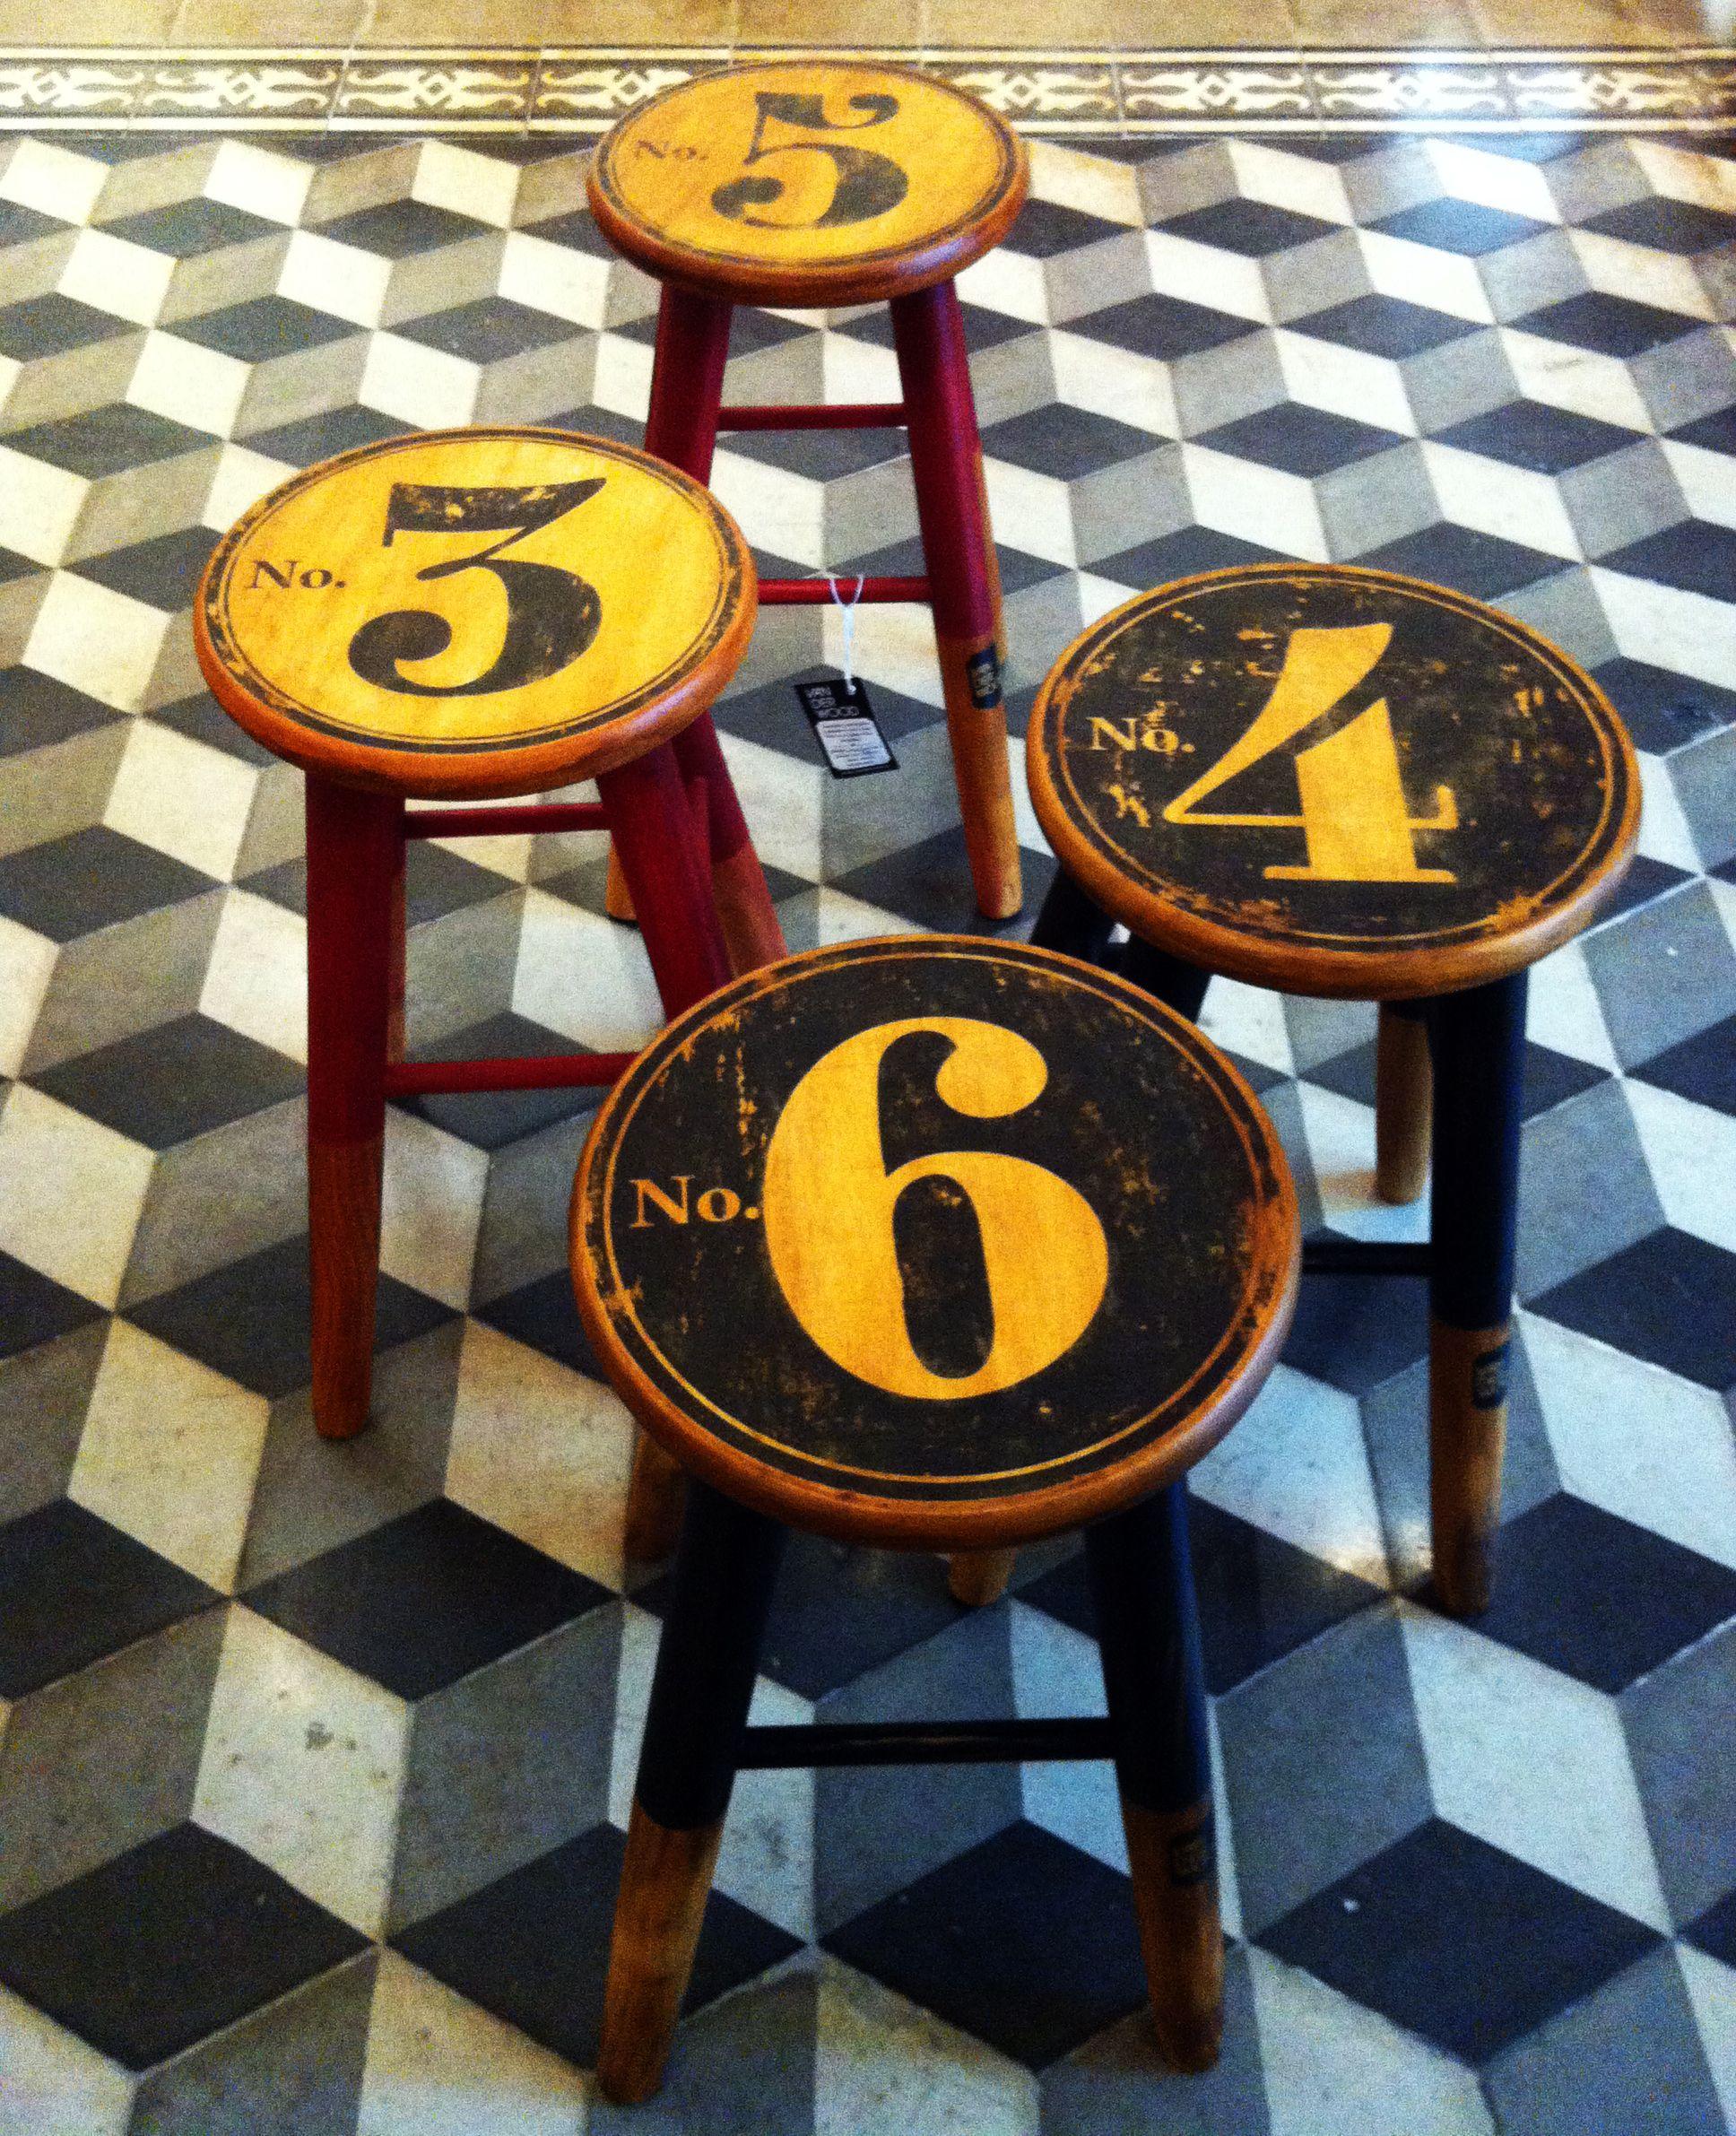 Sillas vintage el rinc 243 n di ree -  Taburete Vintage Ilustrado Alto 48 Cm Ancho Asiento 25 Cm